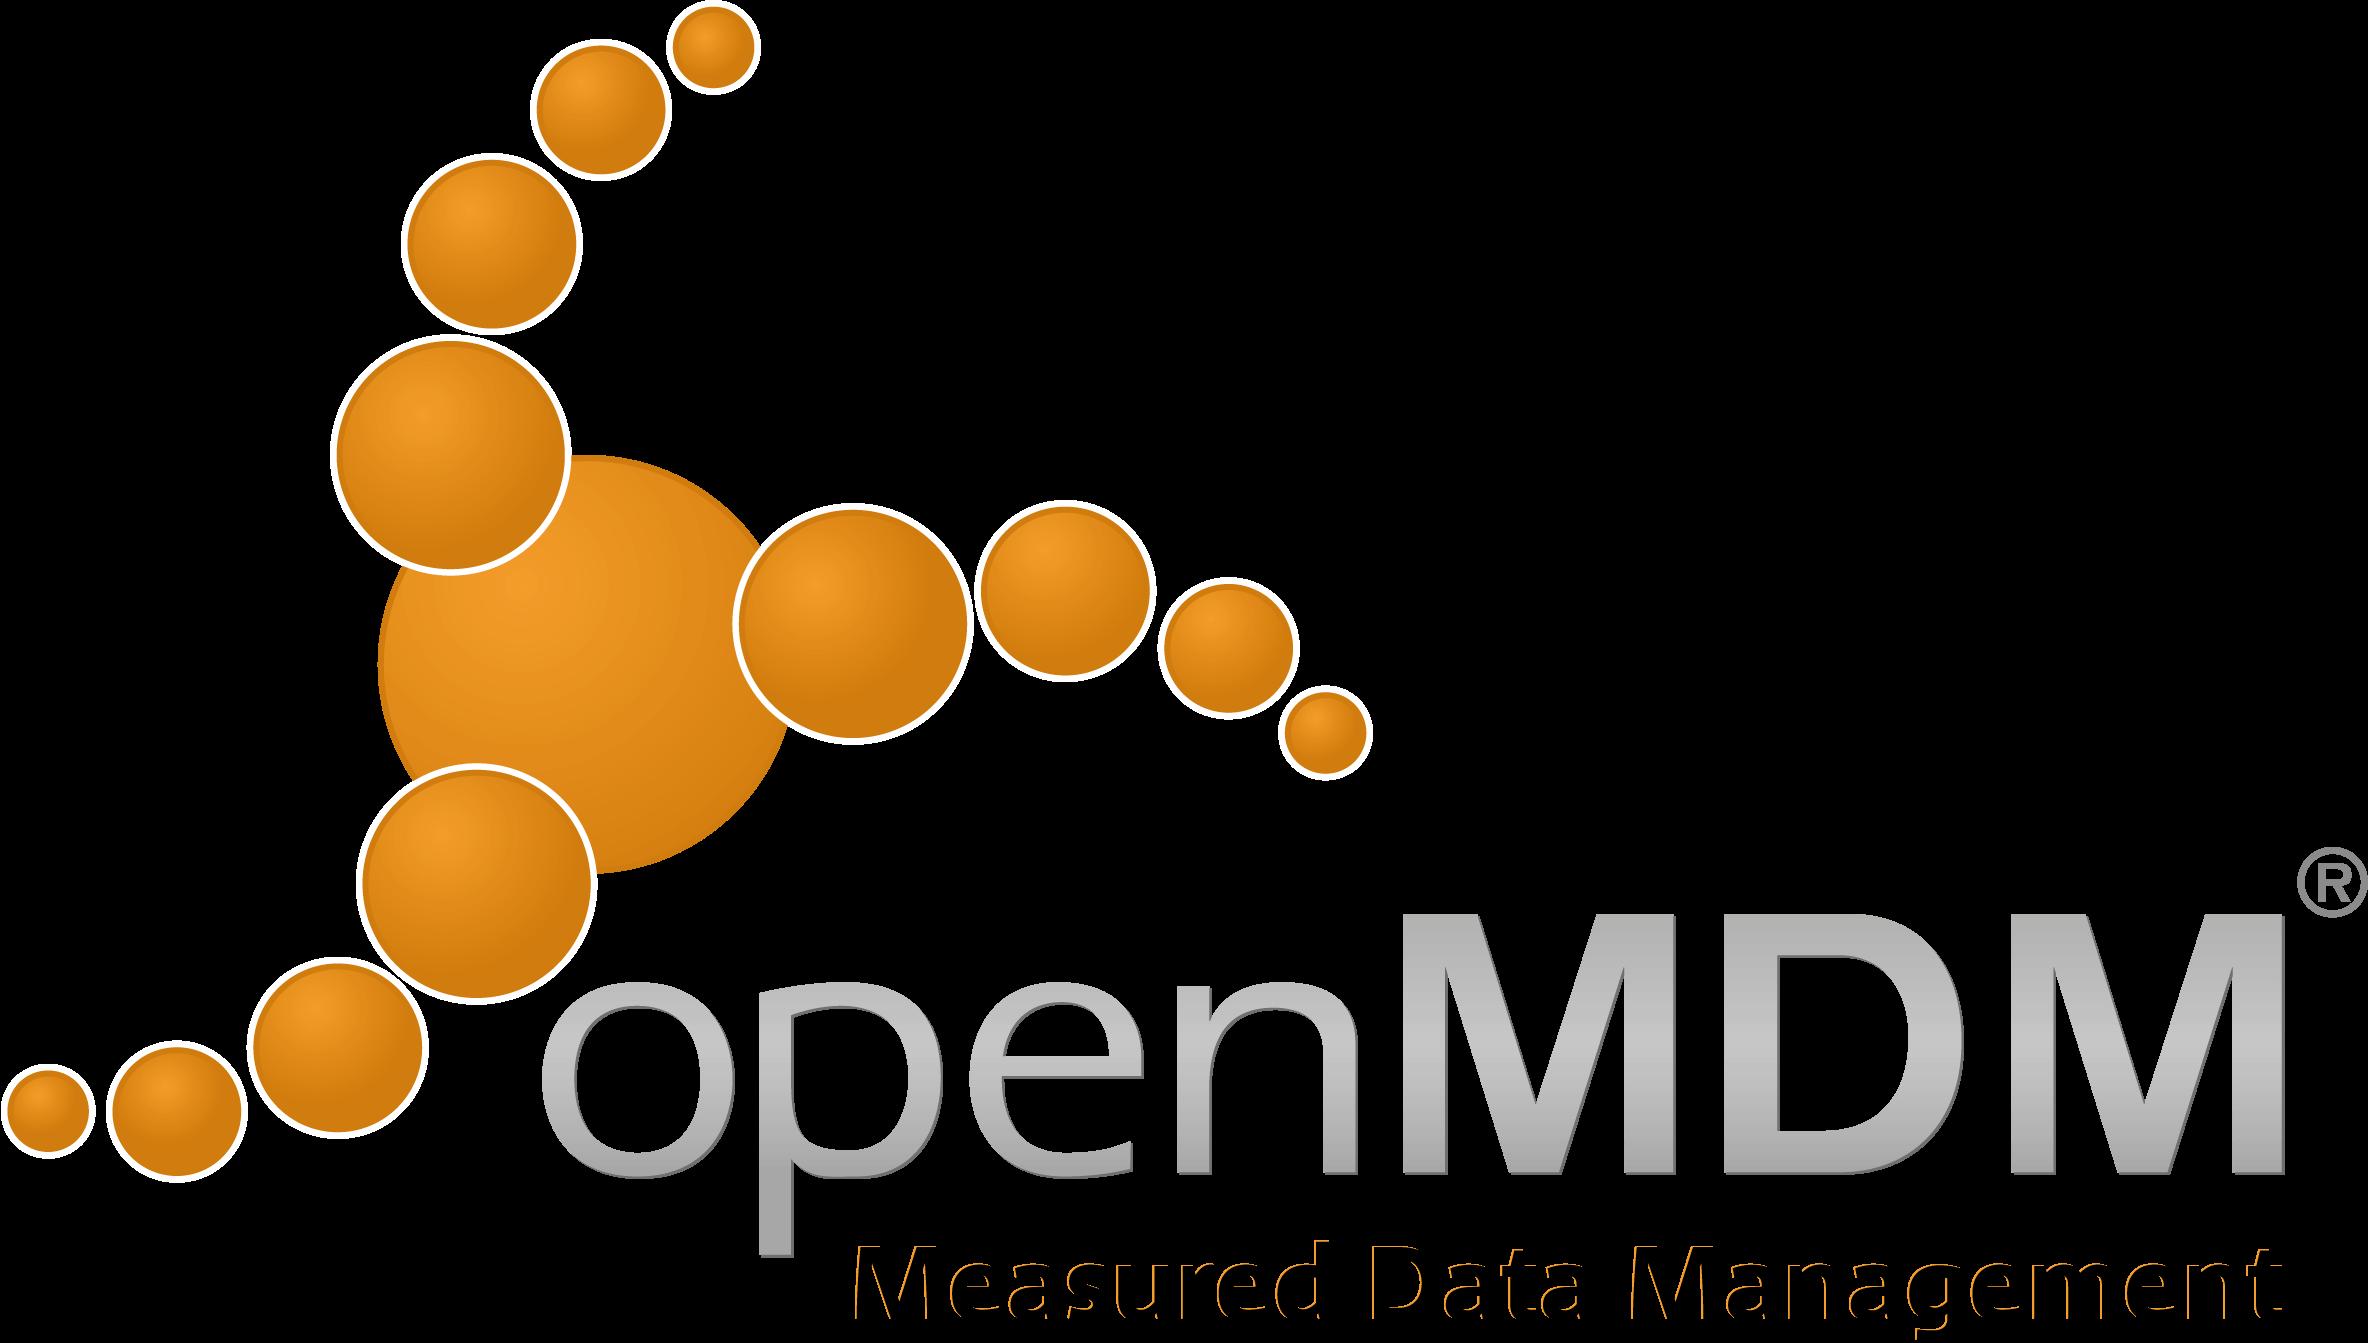 openMDM